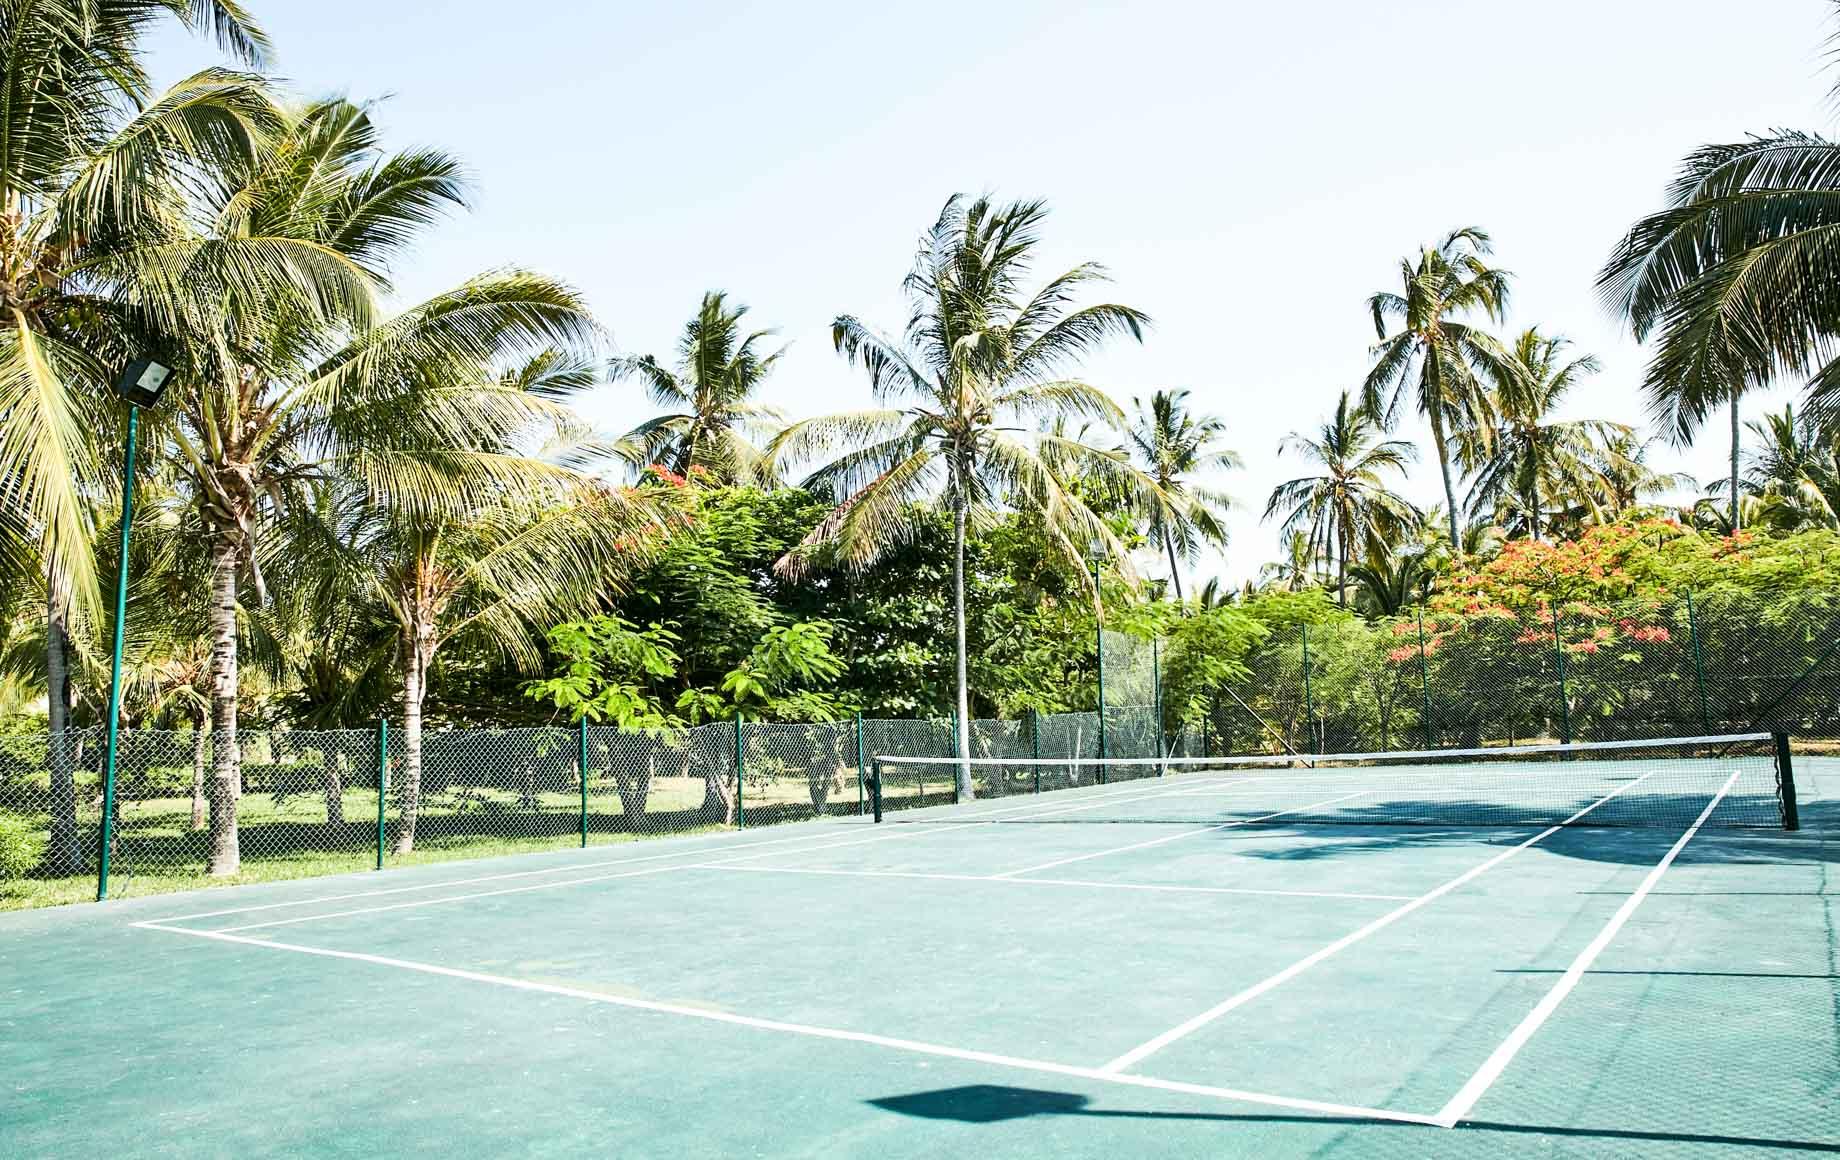 Tennis courts at Baraza Resort & Spa